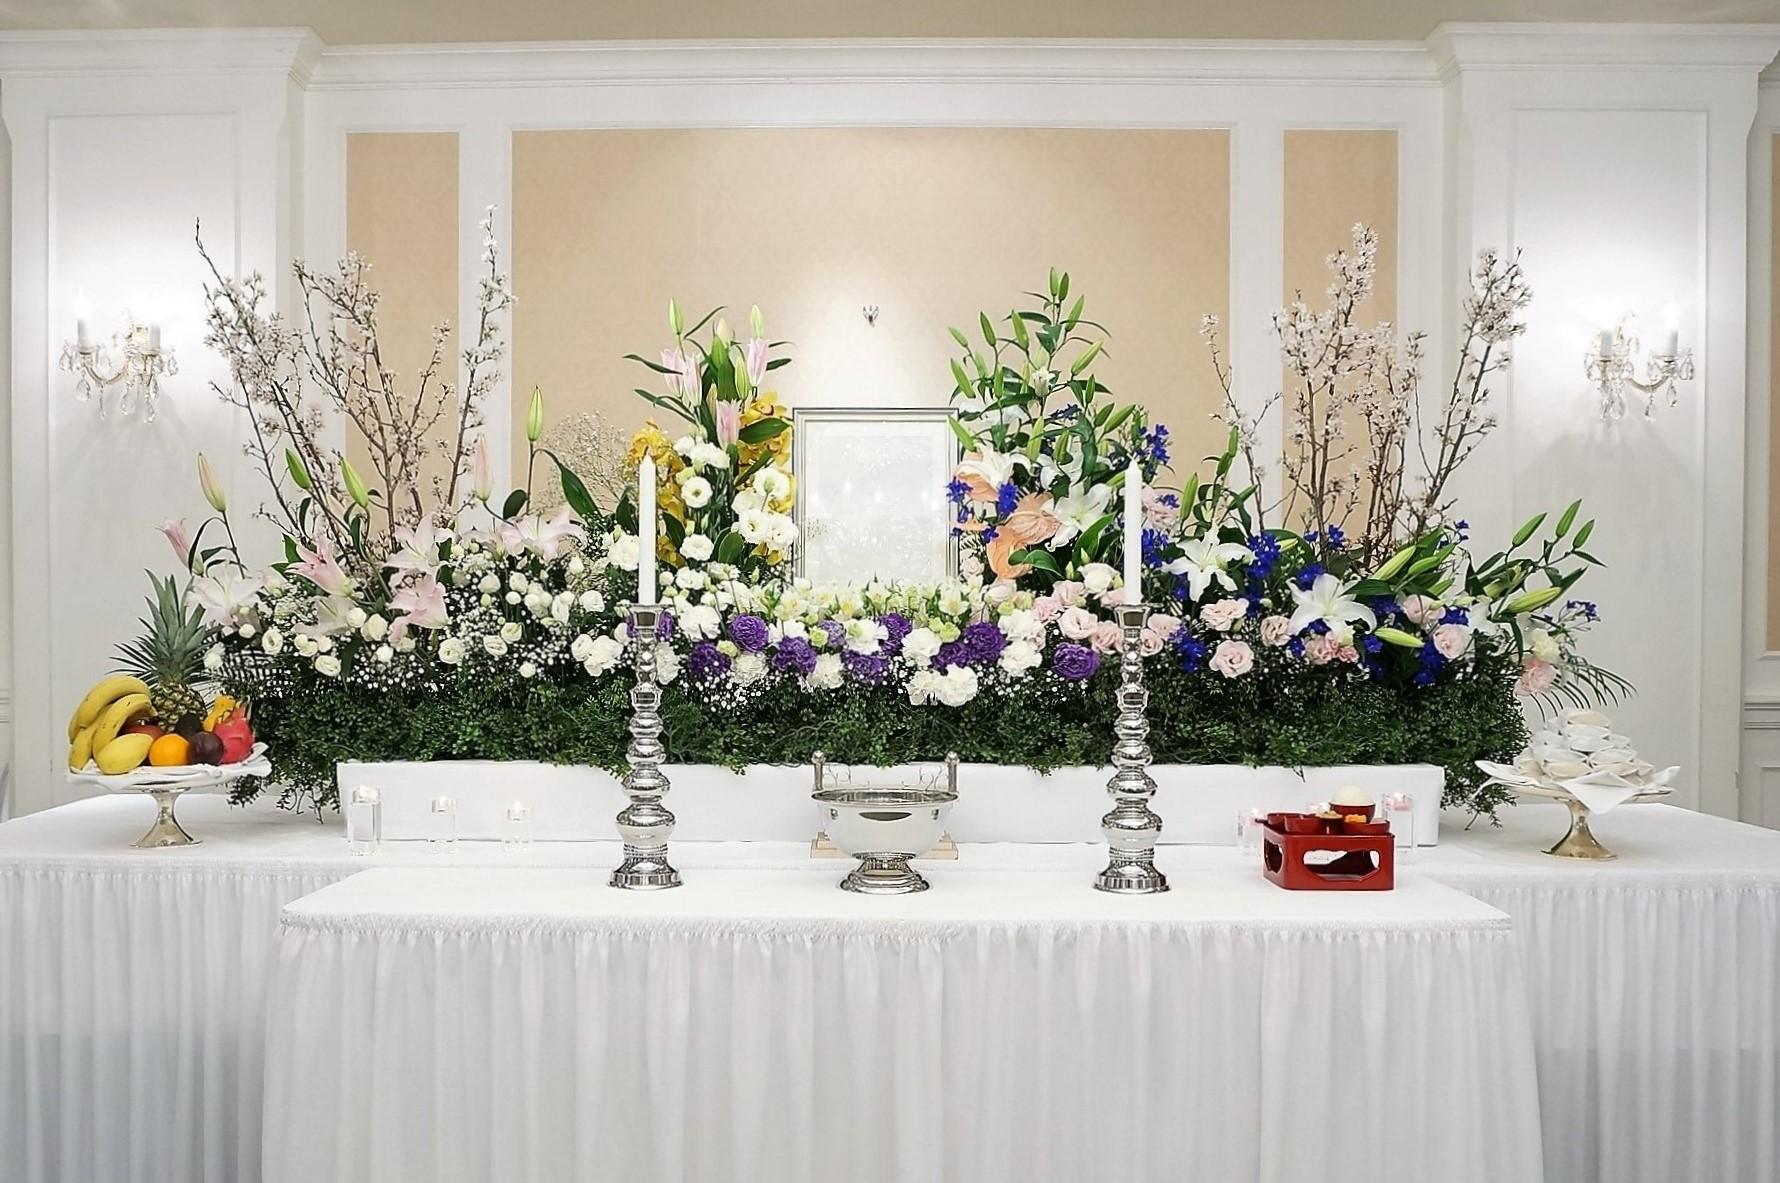 2メートル幅の家族葬生花祭壇と、遺影写真。